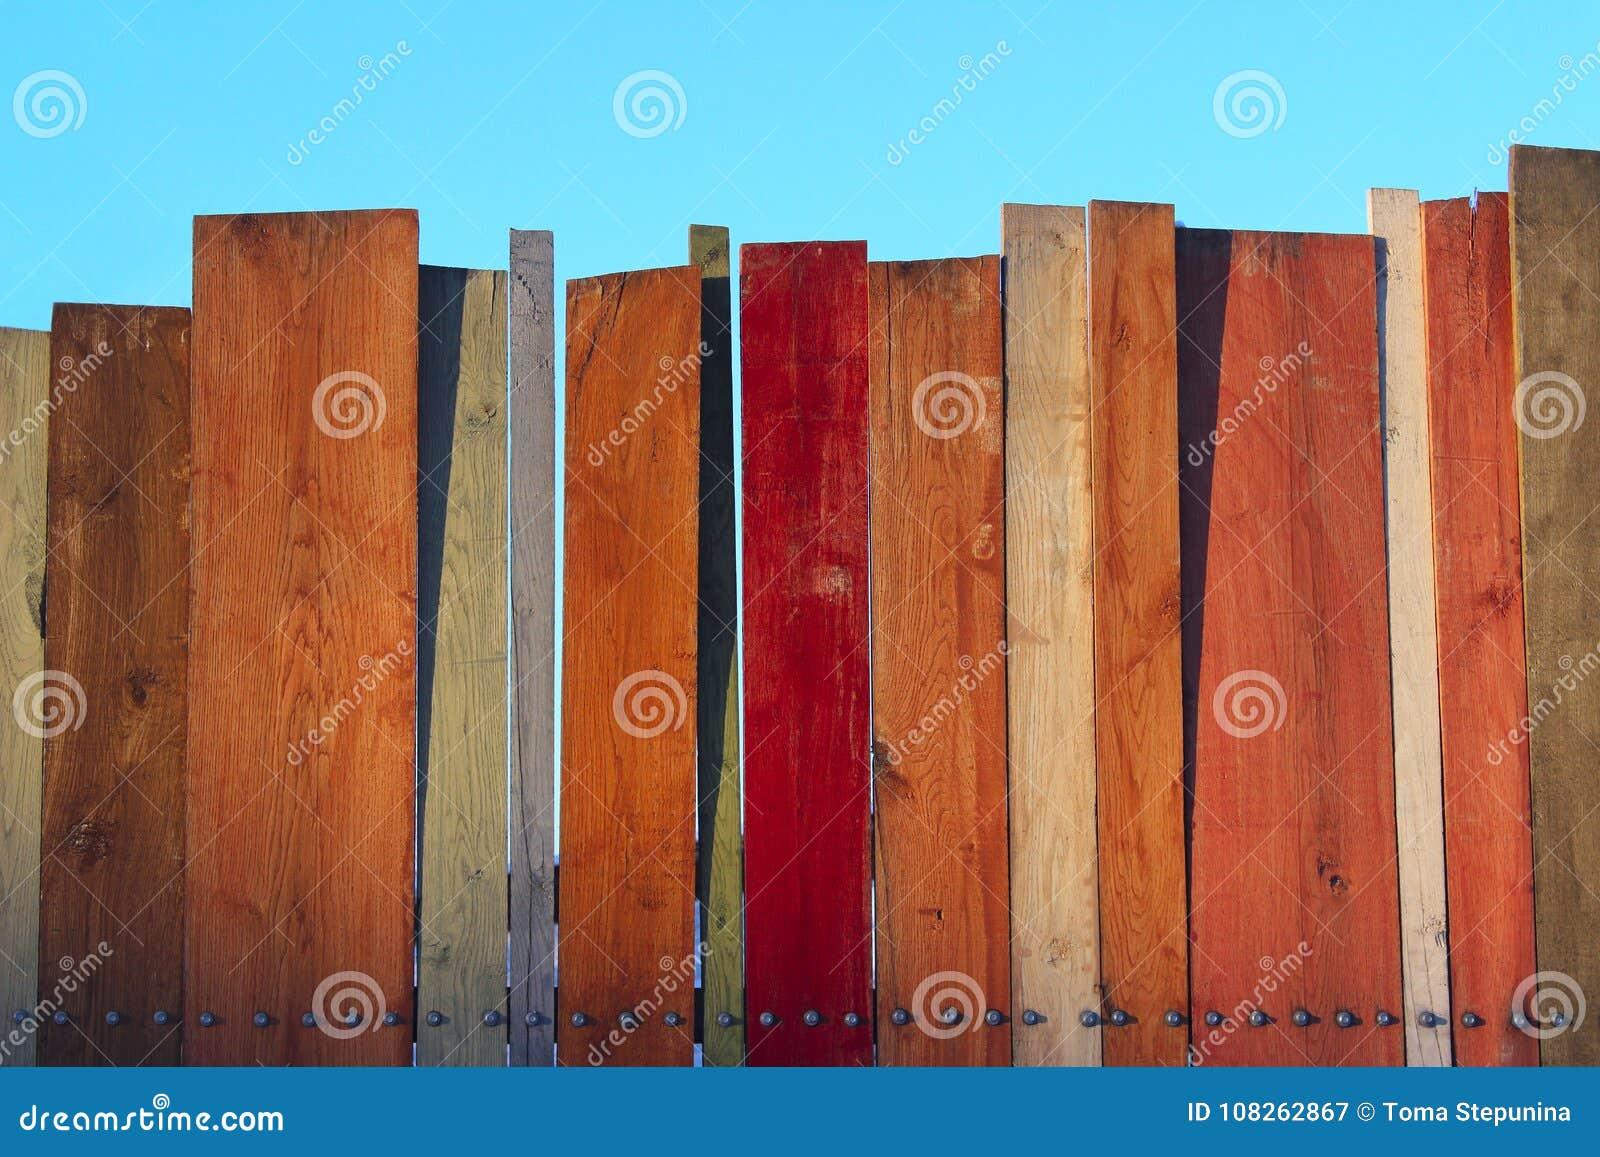 Vieux fond en bois minable peint coloré de bureau fond en bois